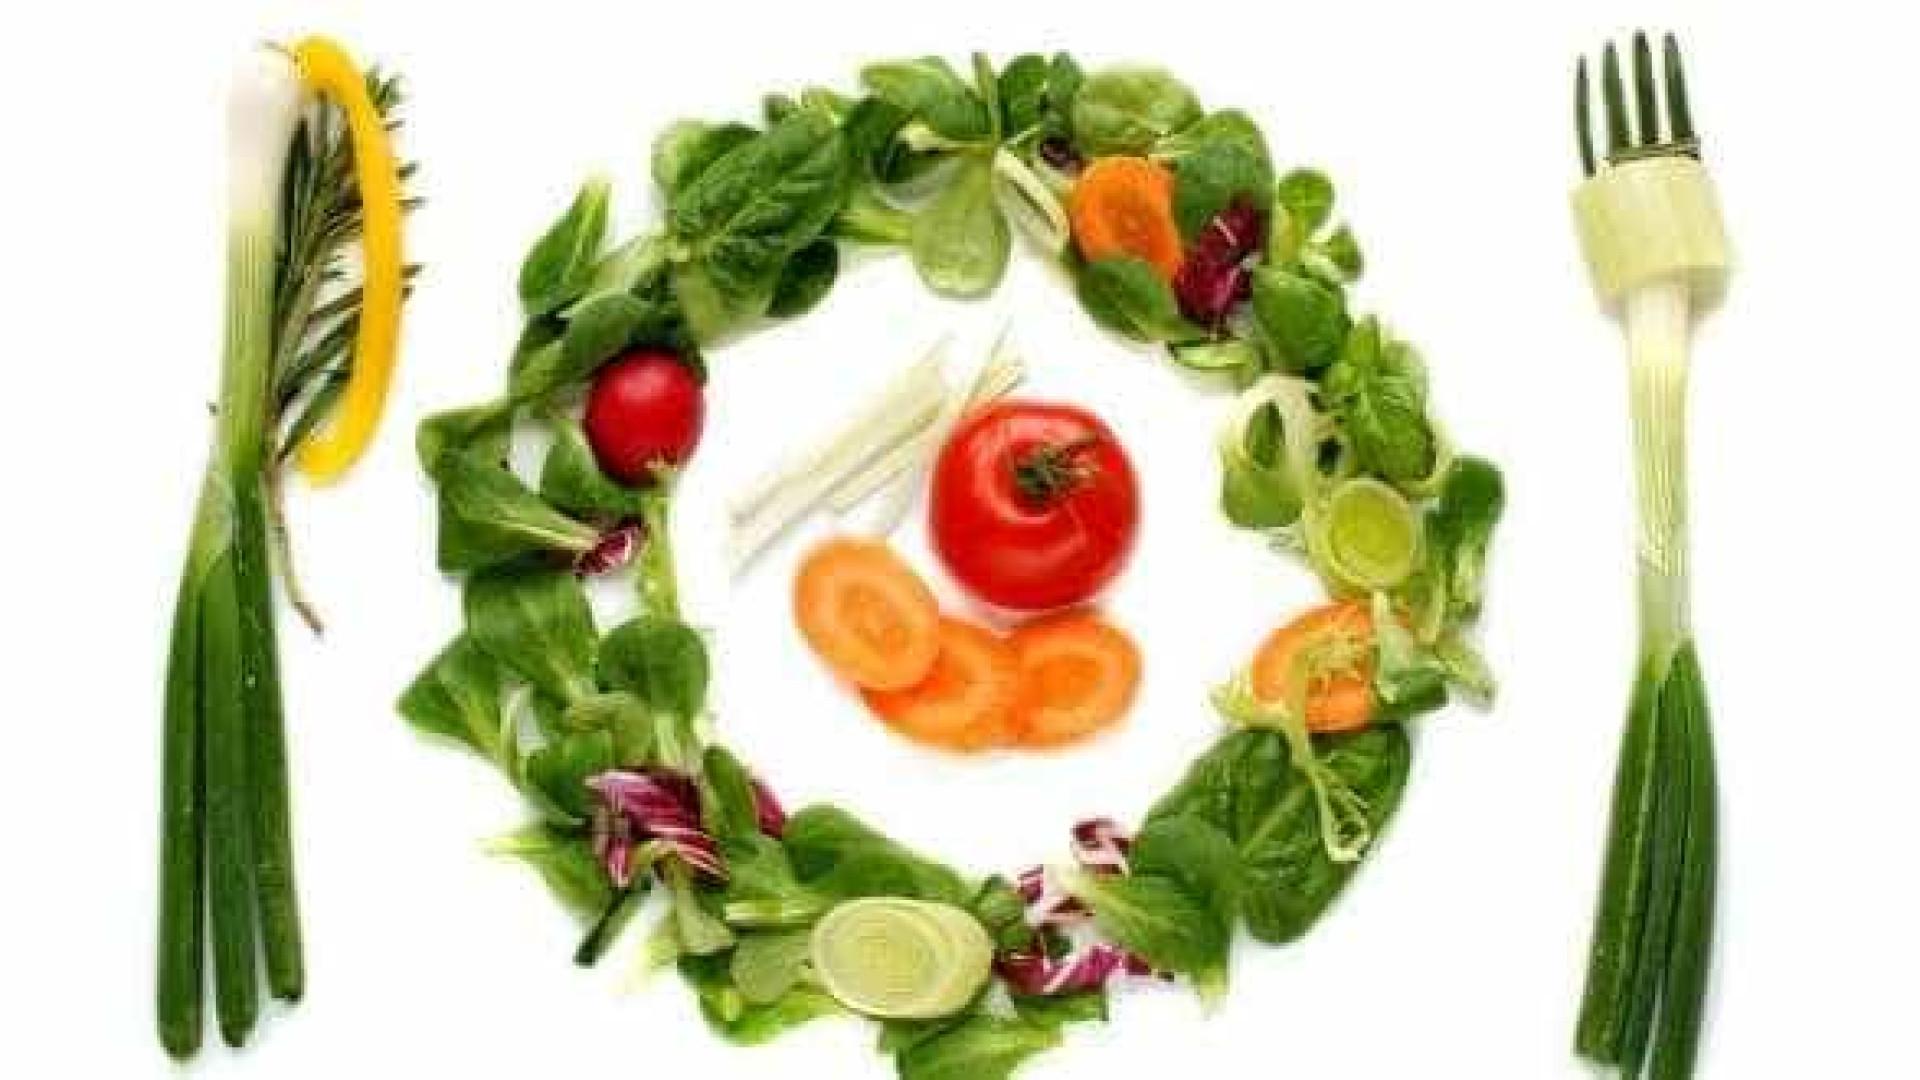 Descubra 10 comidas que parecem vegetarianas, mas não são